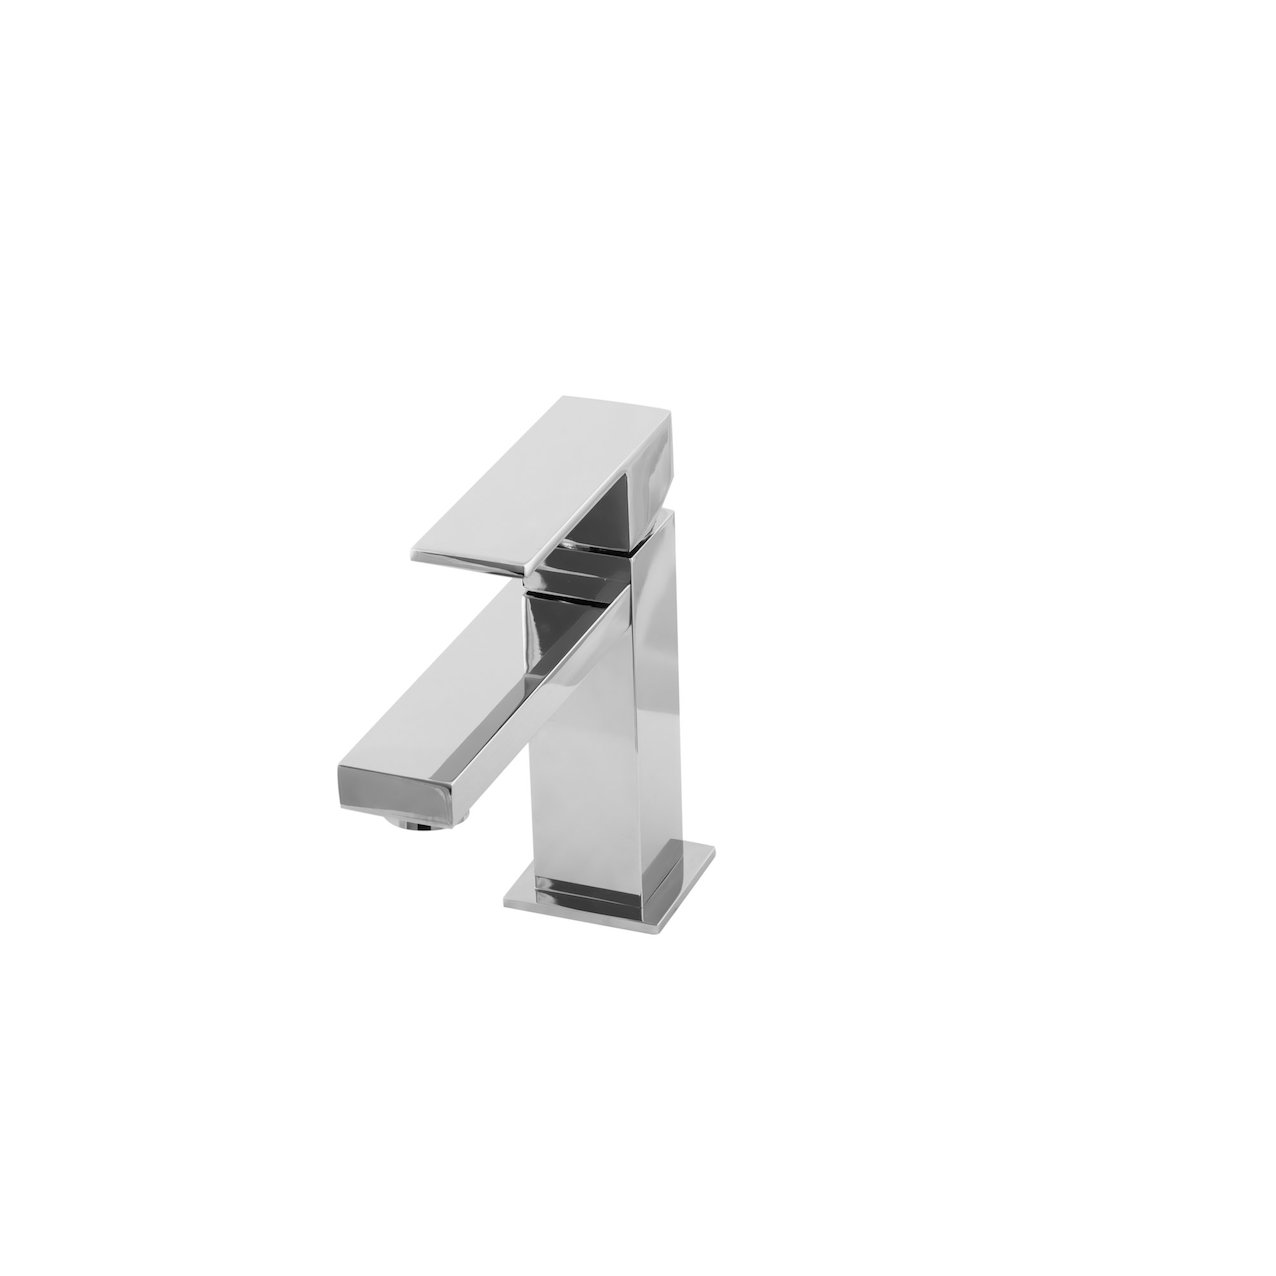 Washbasinmixer Quadra - 360 - 0